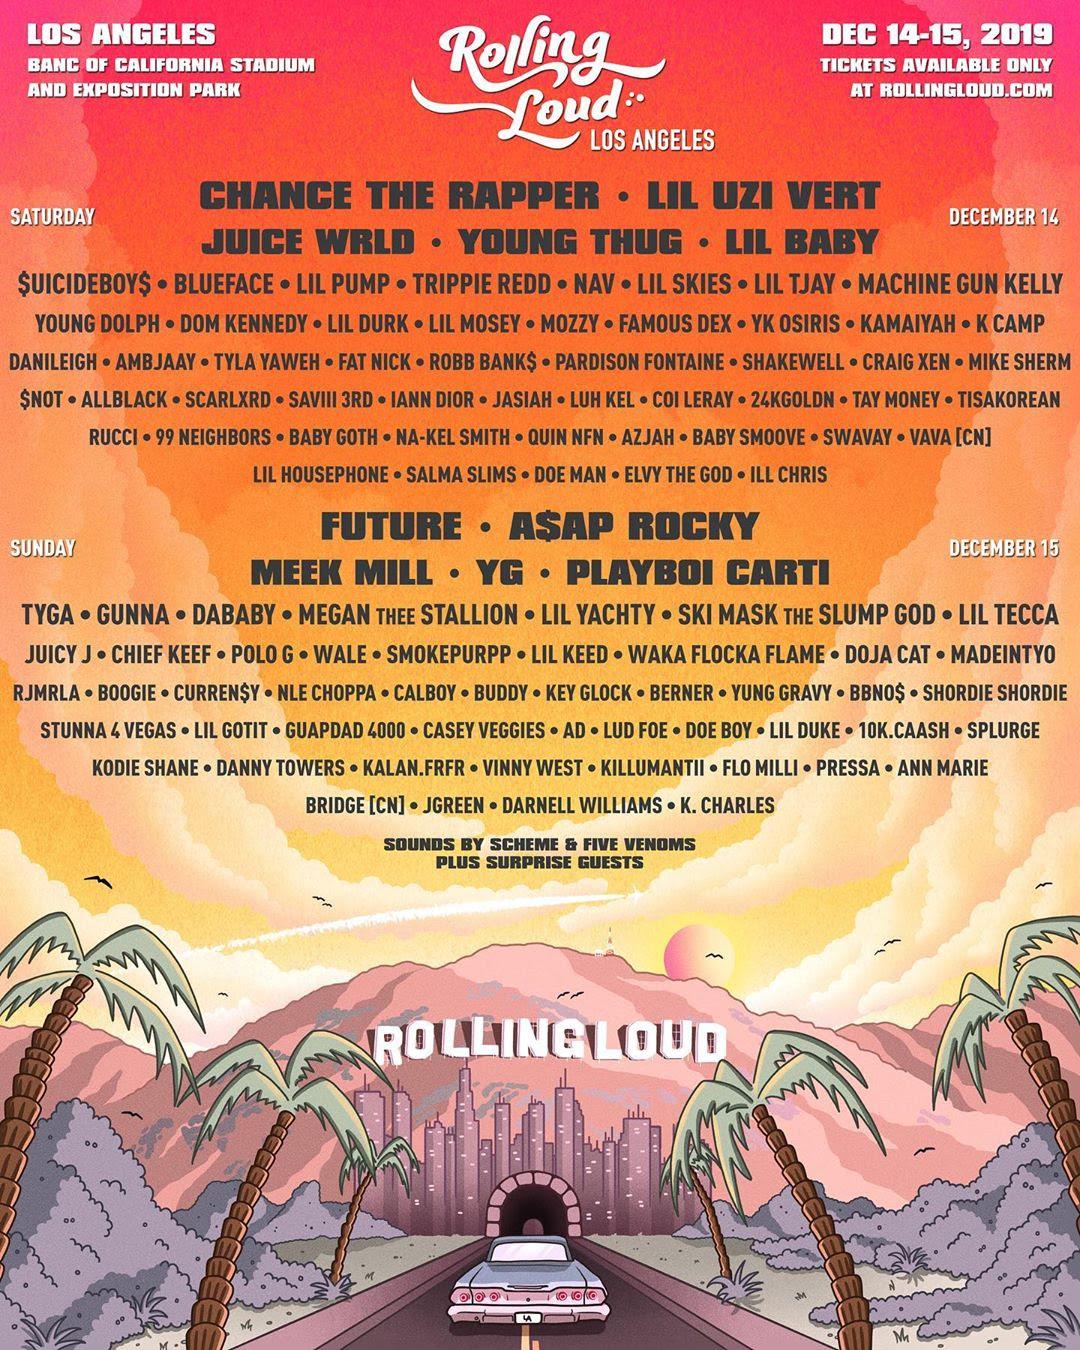 Rolling Loud Los Angeles 2019 lineup